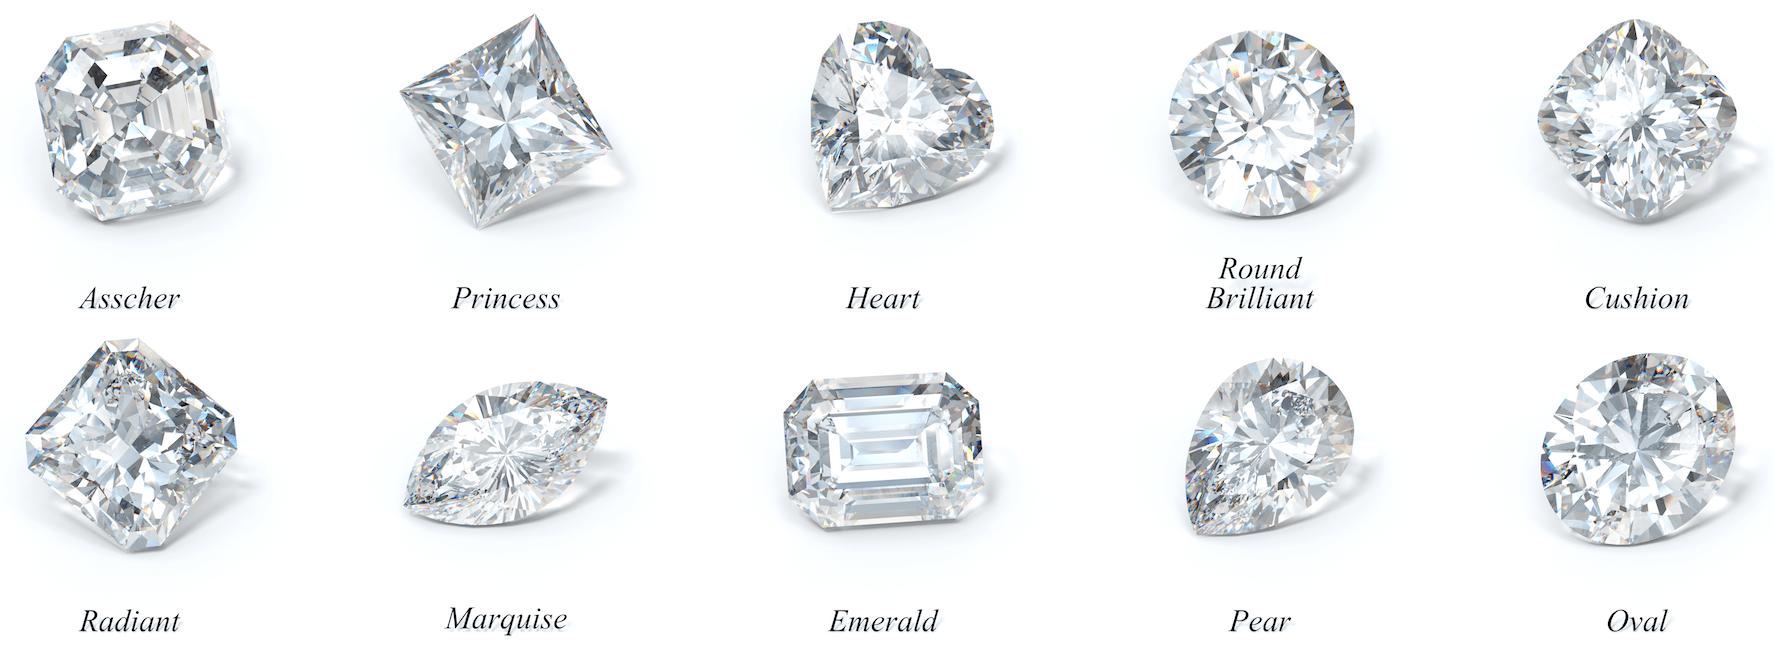 diamanten geslepen in verschillende slijpvormen bij juwelier Zilver.nl